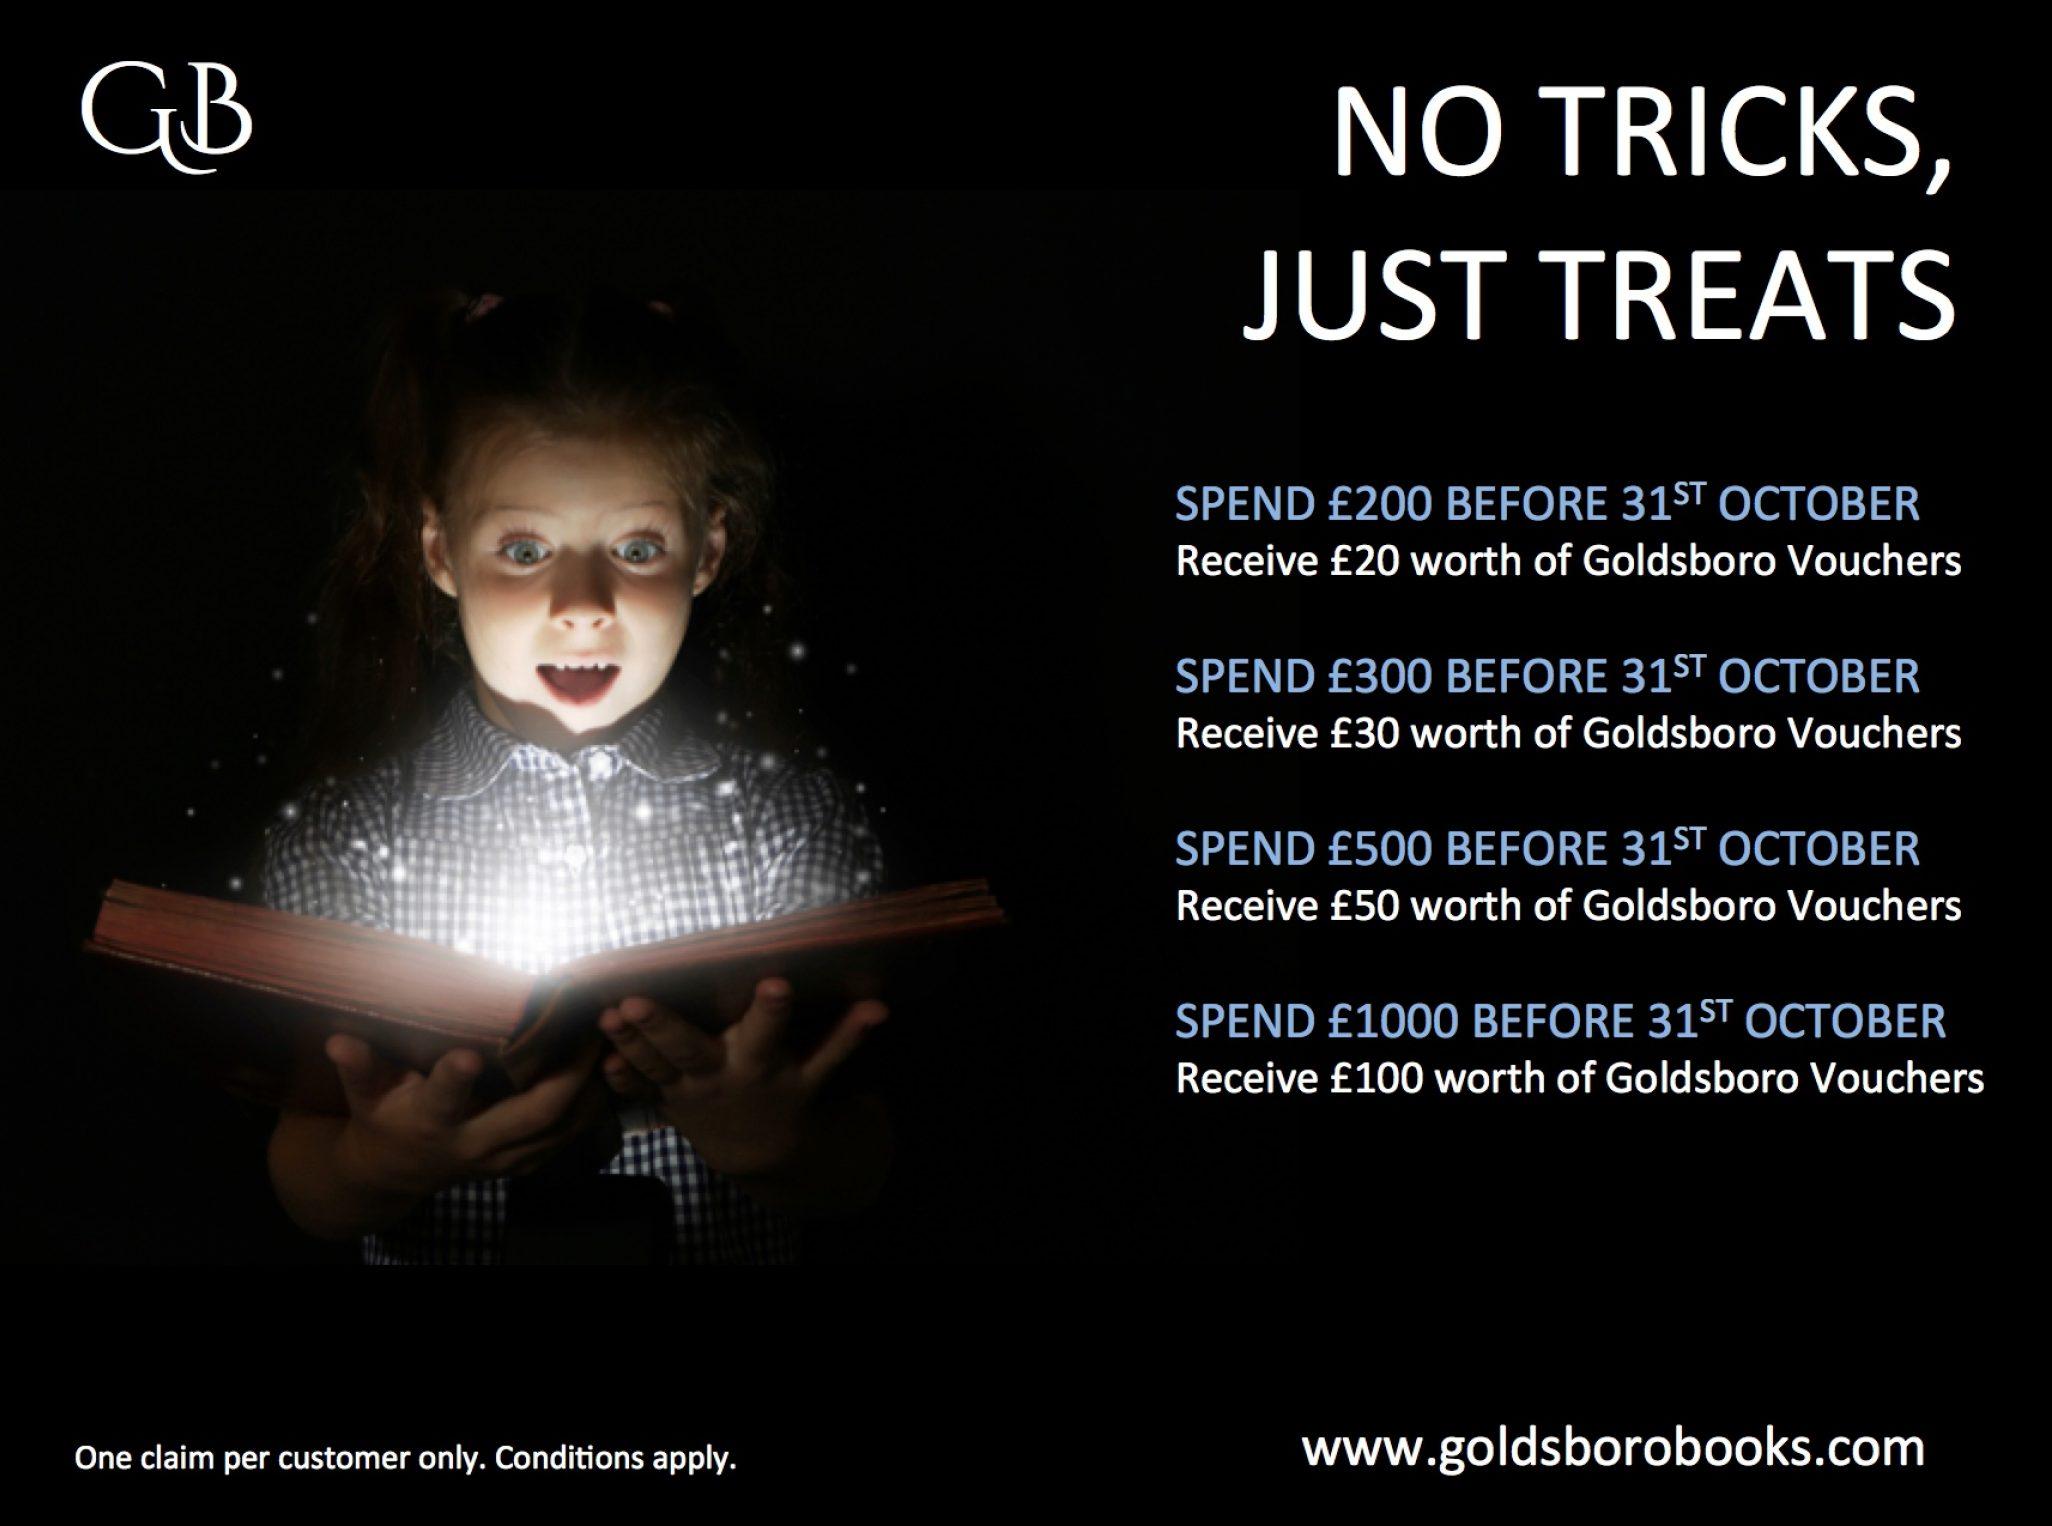 Treats, No Tricks - An October Offer